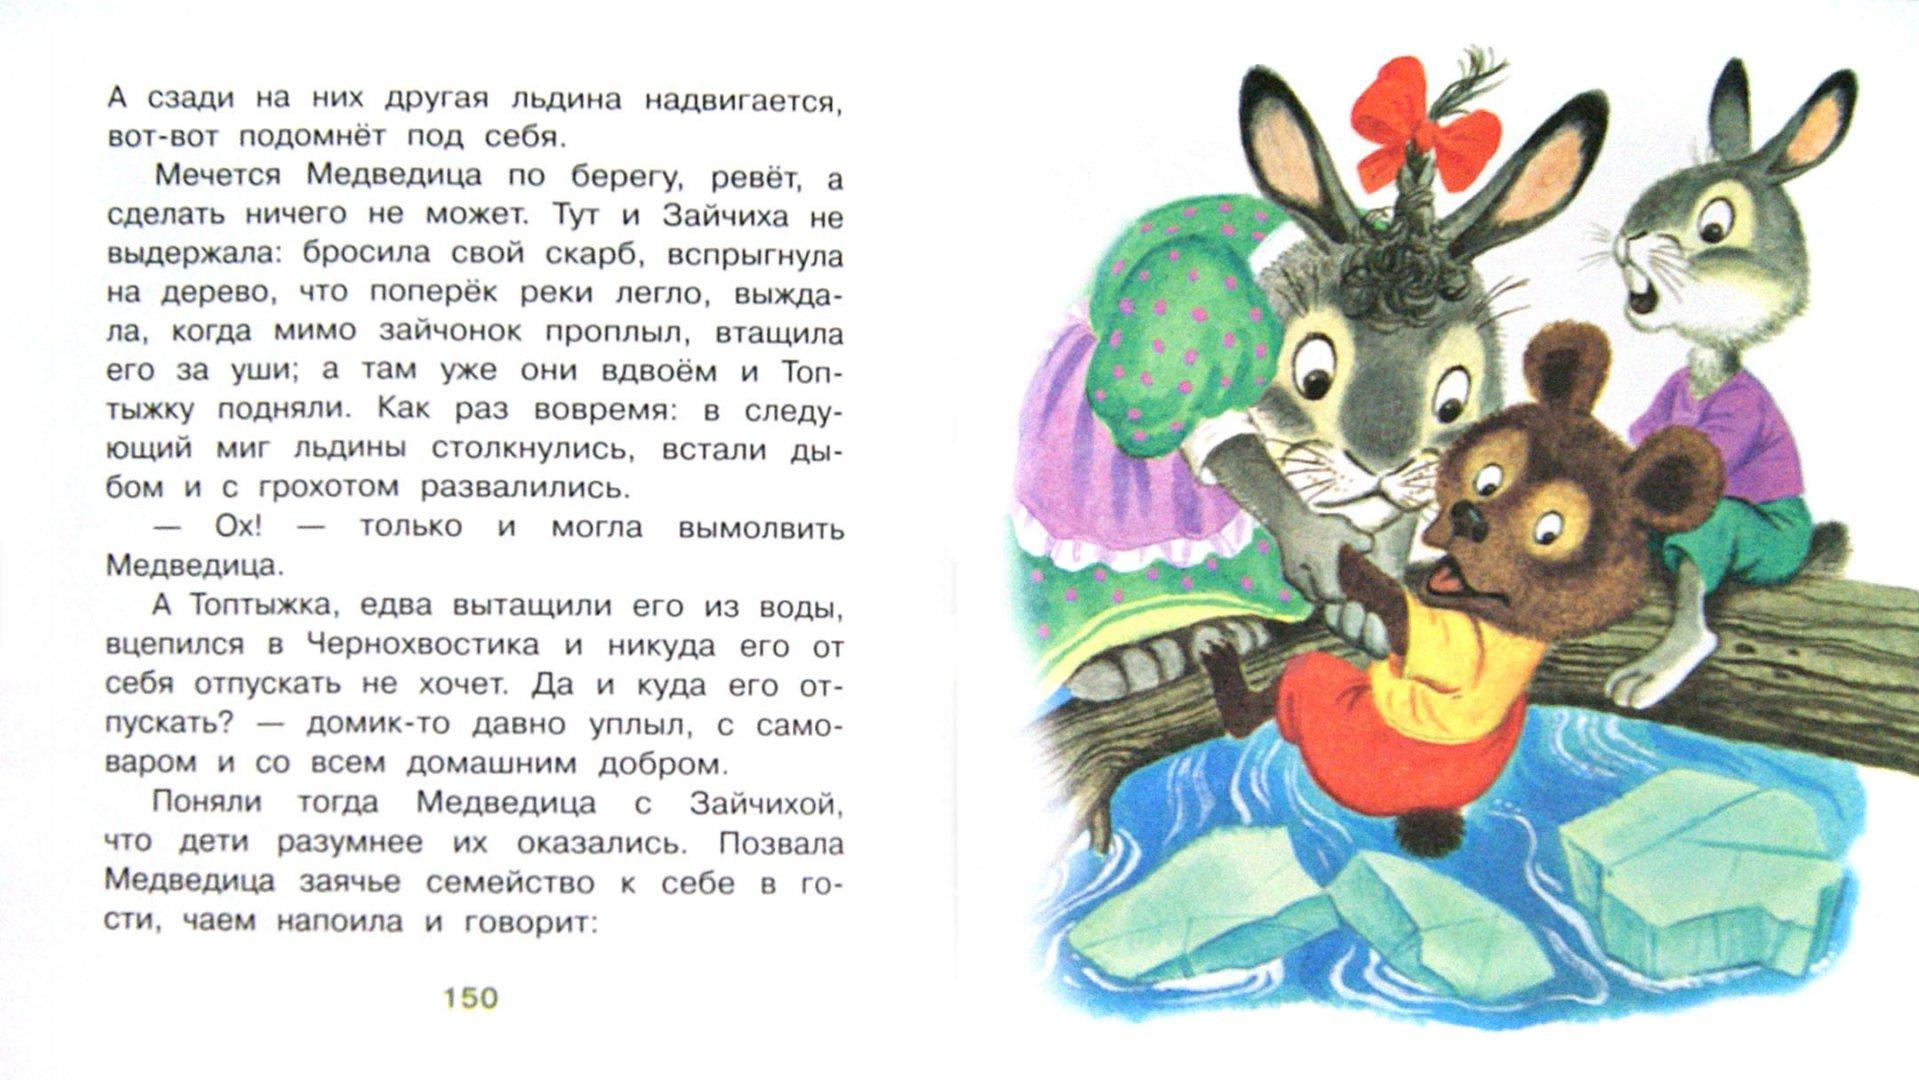 Иллюстрация 1 из 52 для Сказки-мультфильмы - Прокофьева, Успенский, Козлов, Чуковский, Остер, Липскеров, Сутеев   Лабиринт - книги. Источник: Лабиринт